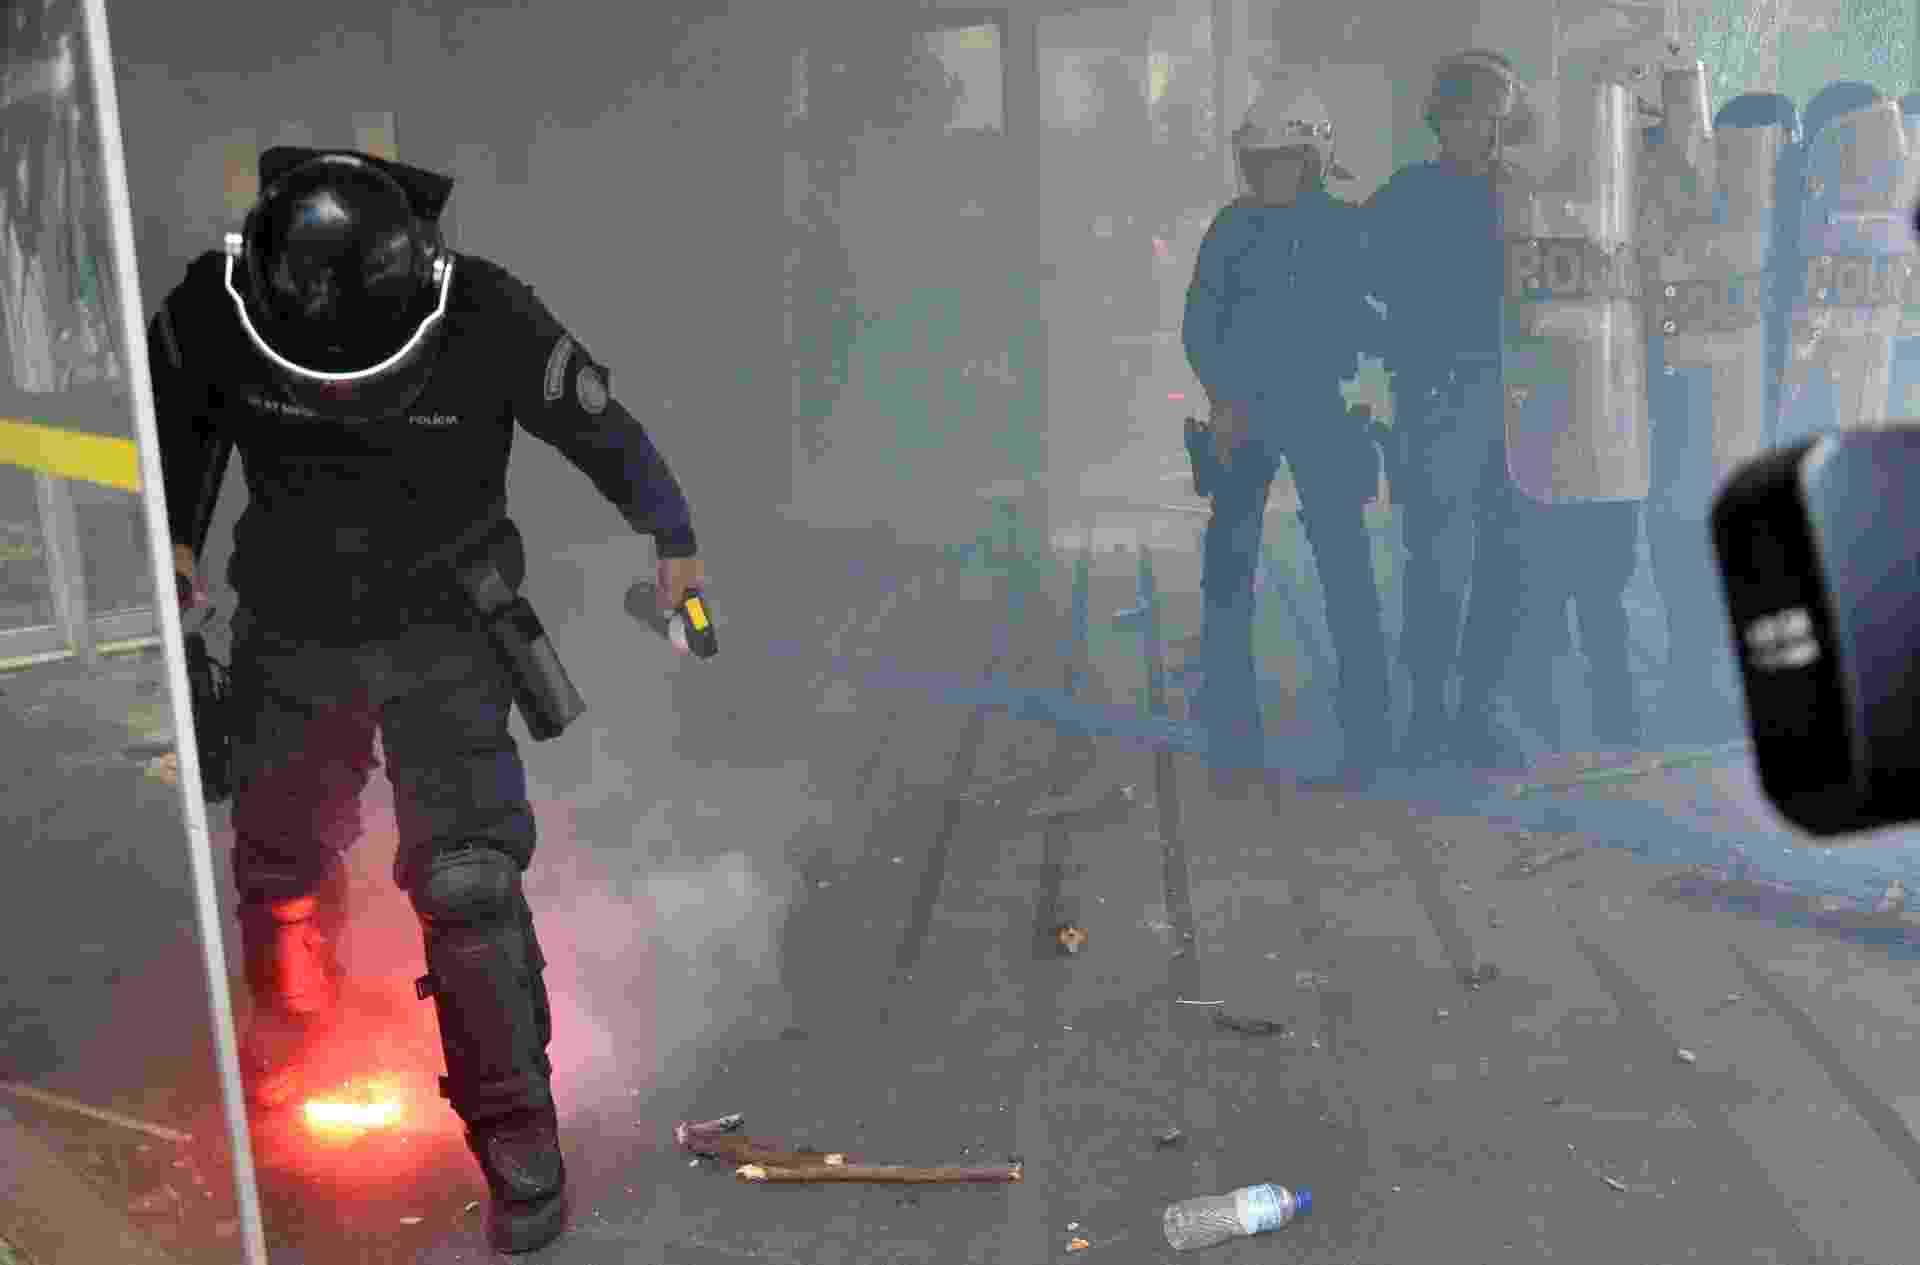 10.abr.2018 - Manifestantes em frente ao Ministério da Educação (MEC) entraram em confronto com a Polícia Militar. Eles cobram da pasta a liberação de recursos para tirar a Universidade de Brasília (UnB) de sua pior crise financeira. Por volta das 11h40, um grupo atirou paus, pedras e sinalizadores nos oito PMs que faziam a segurança do prédio - Renato Costa/Estadão Conteúdo